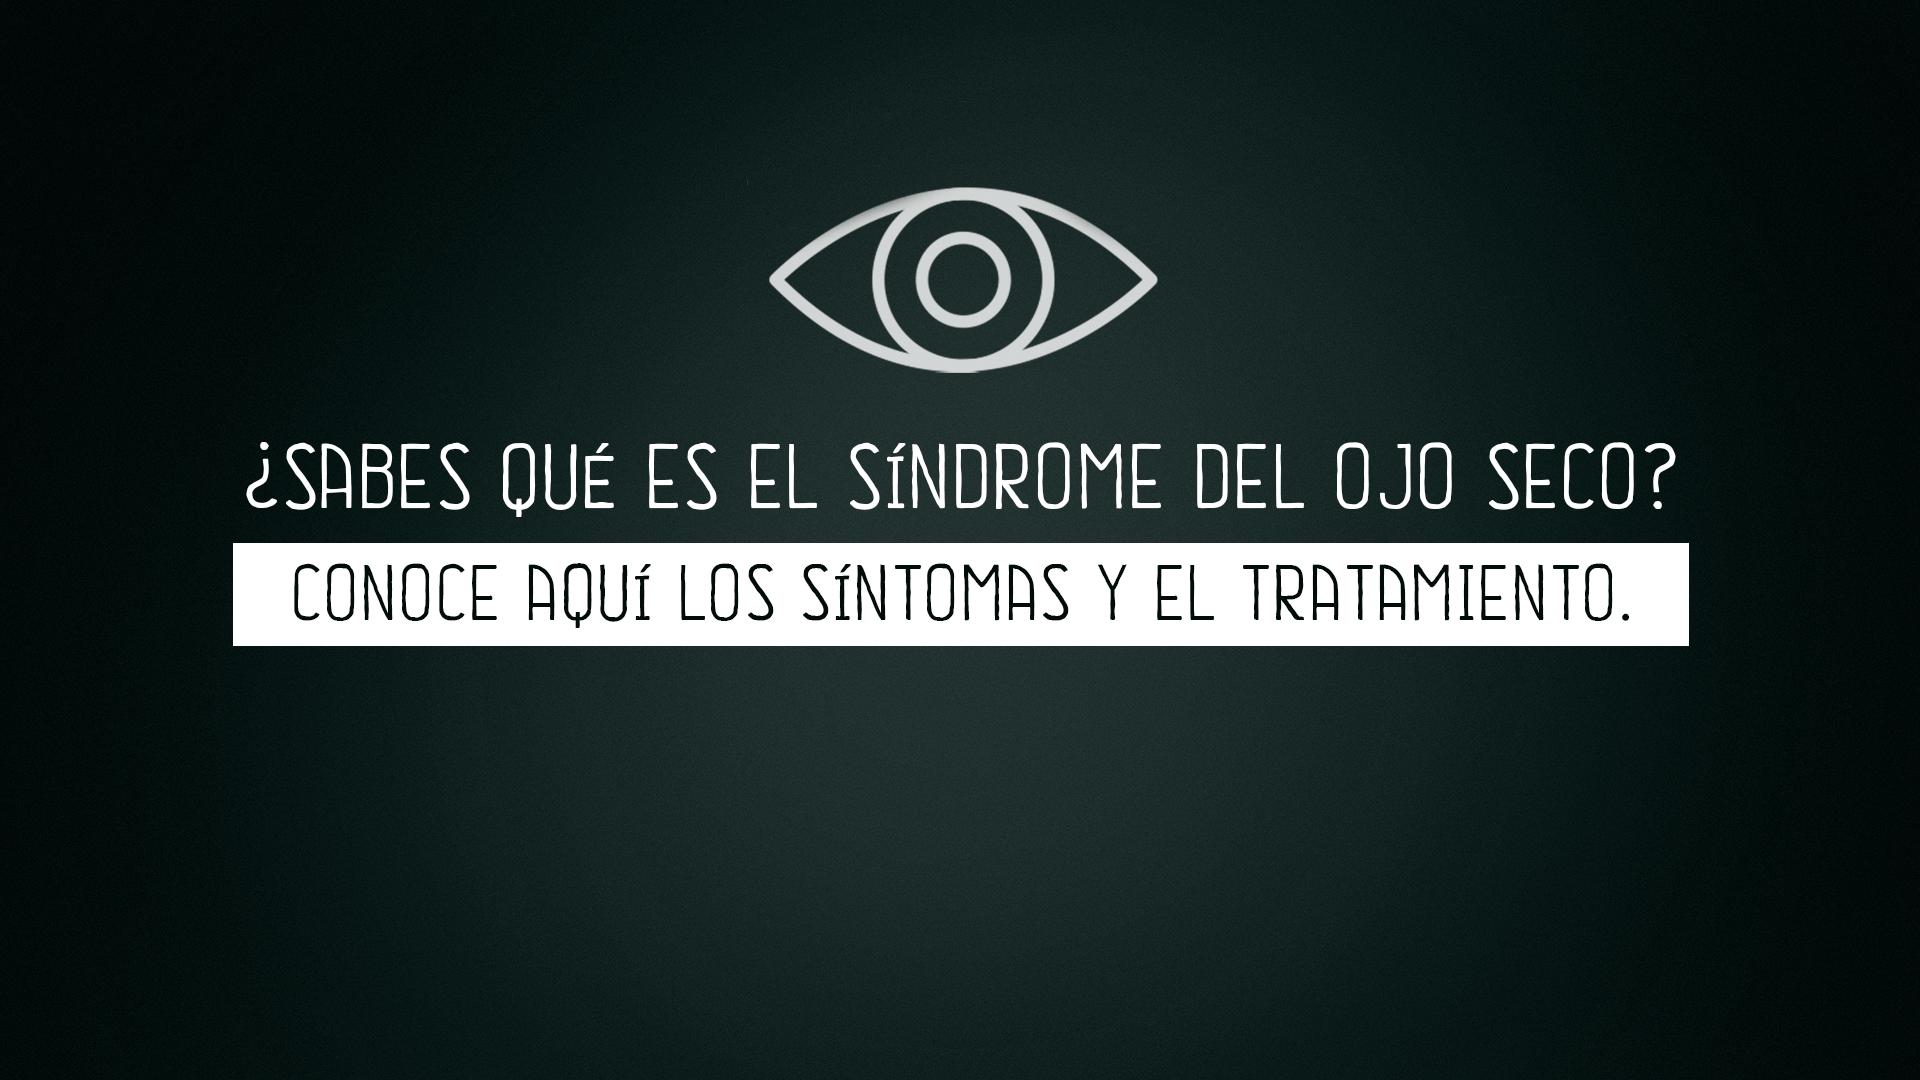 Sabes qué es el sindrome del ojo seco